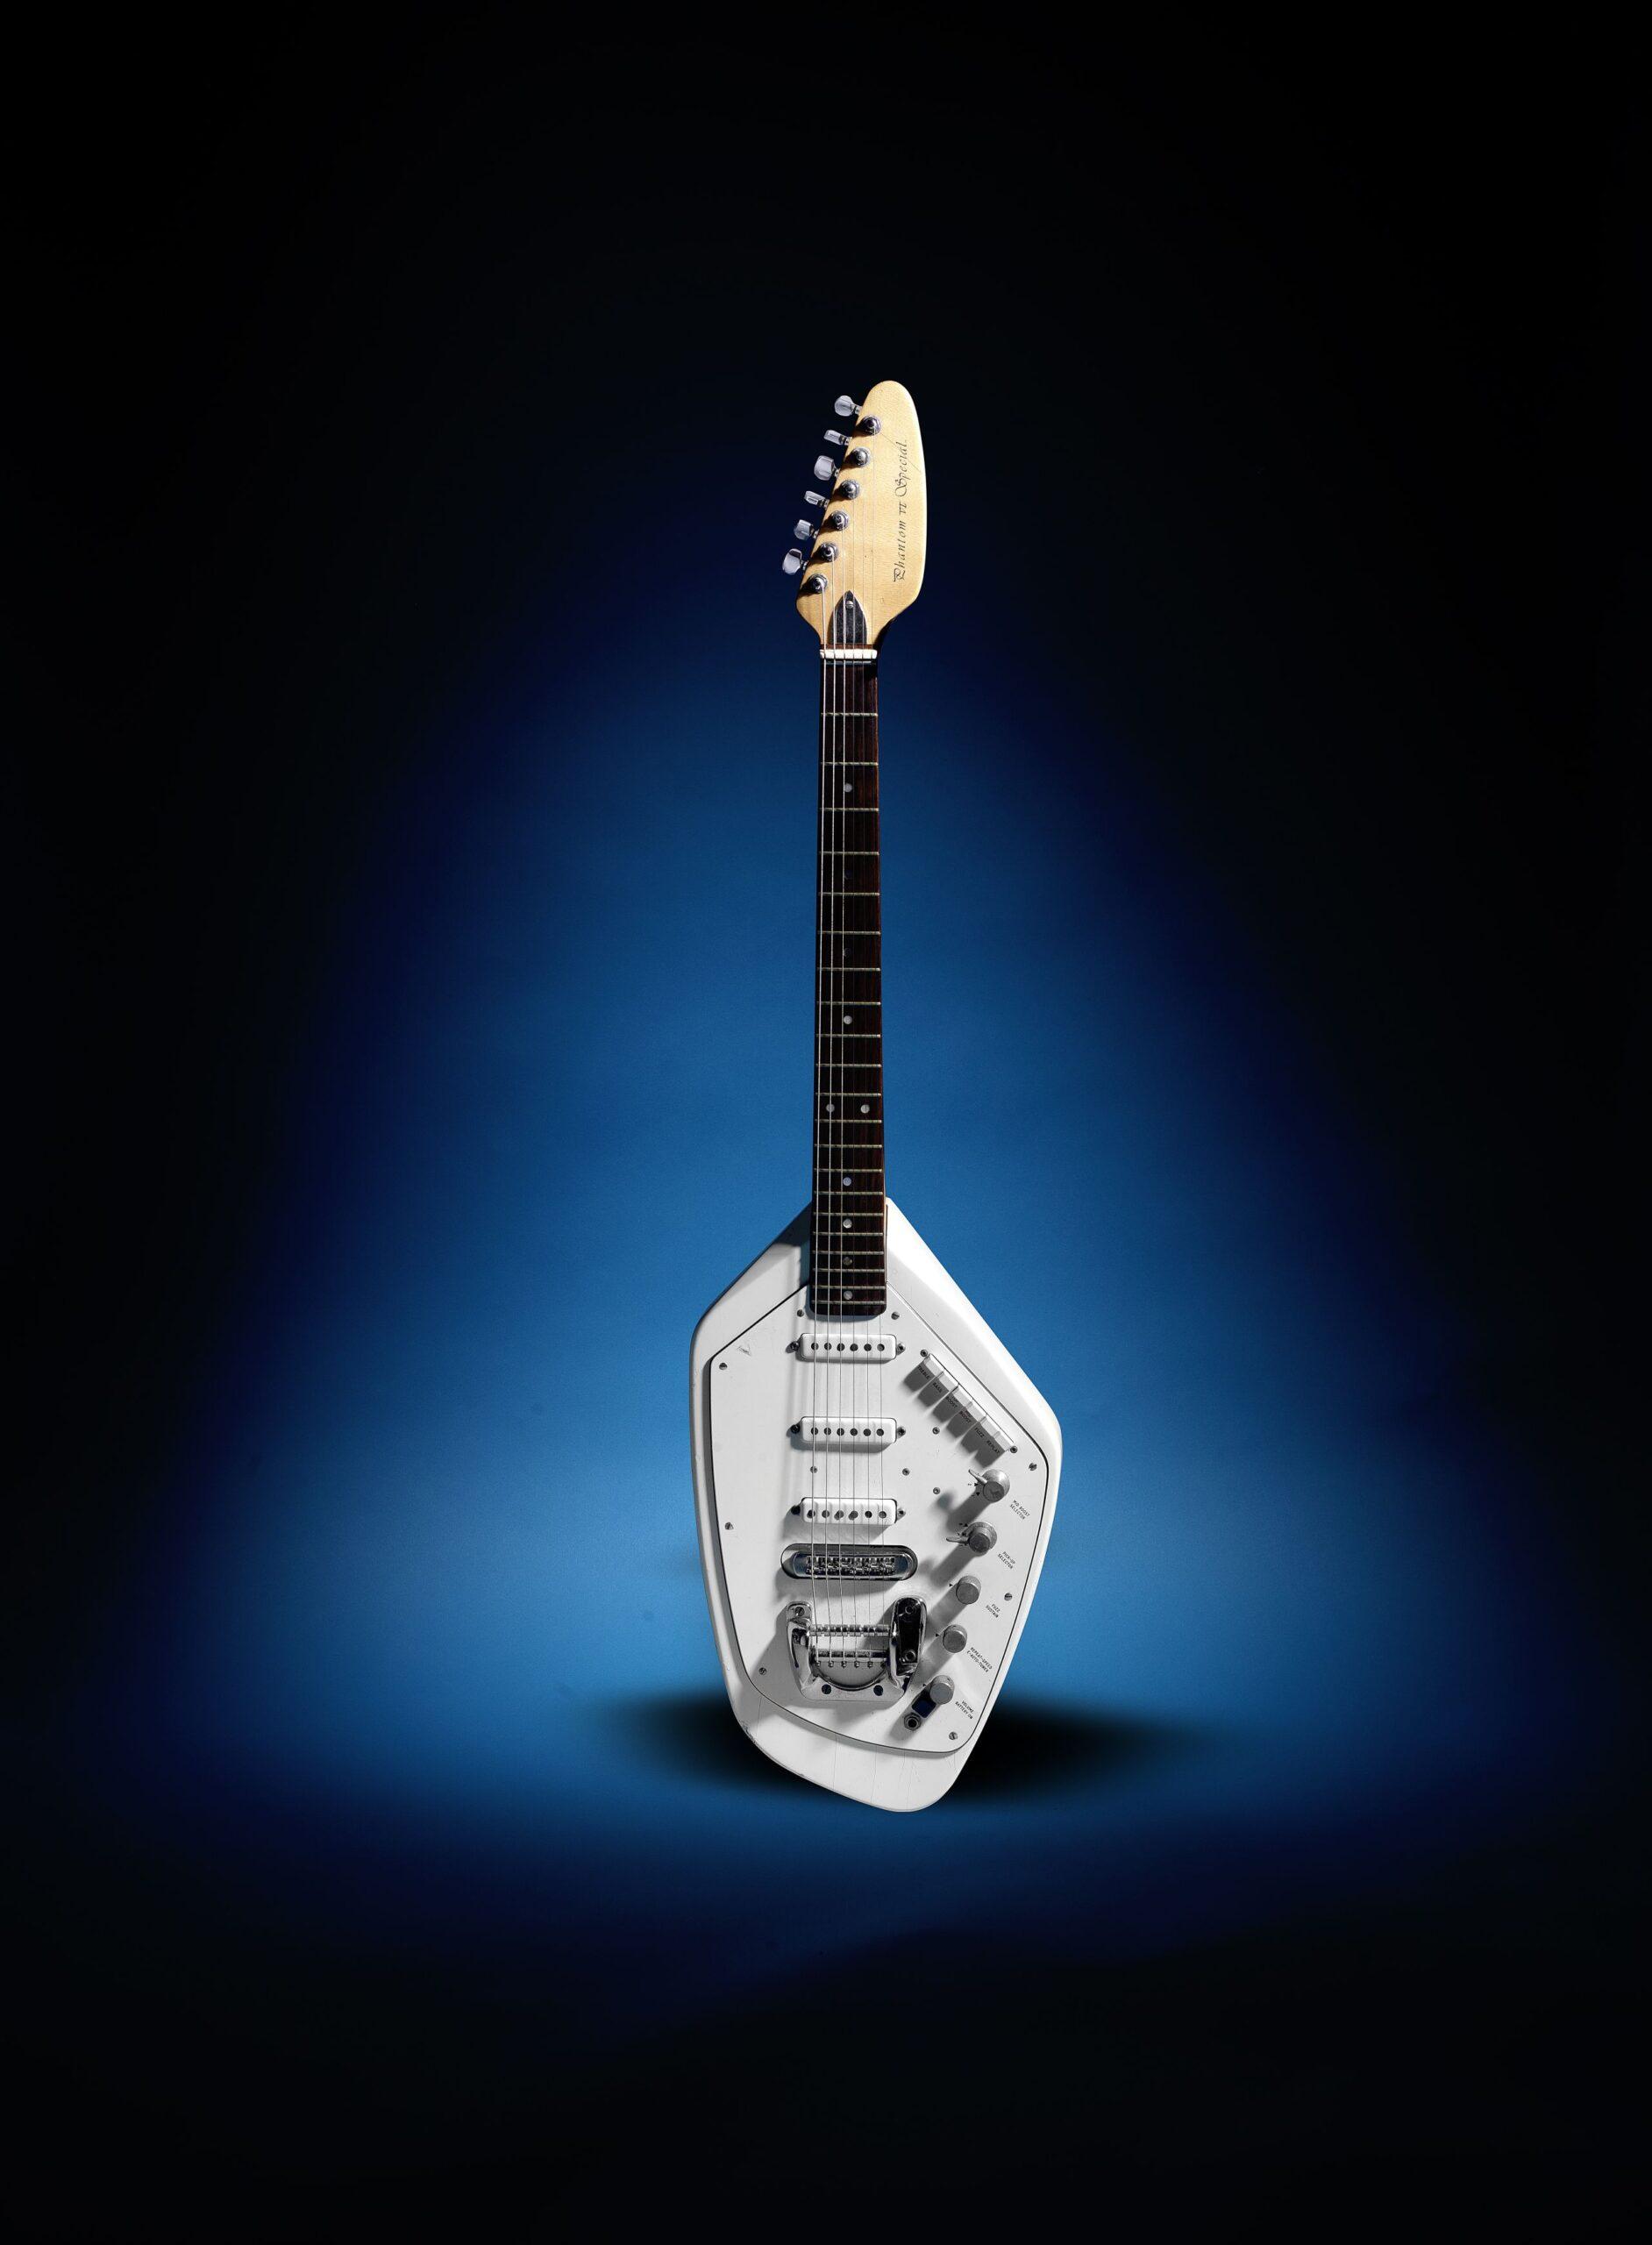 Ian Curtis' Vox Phantom Guitar for auction